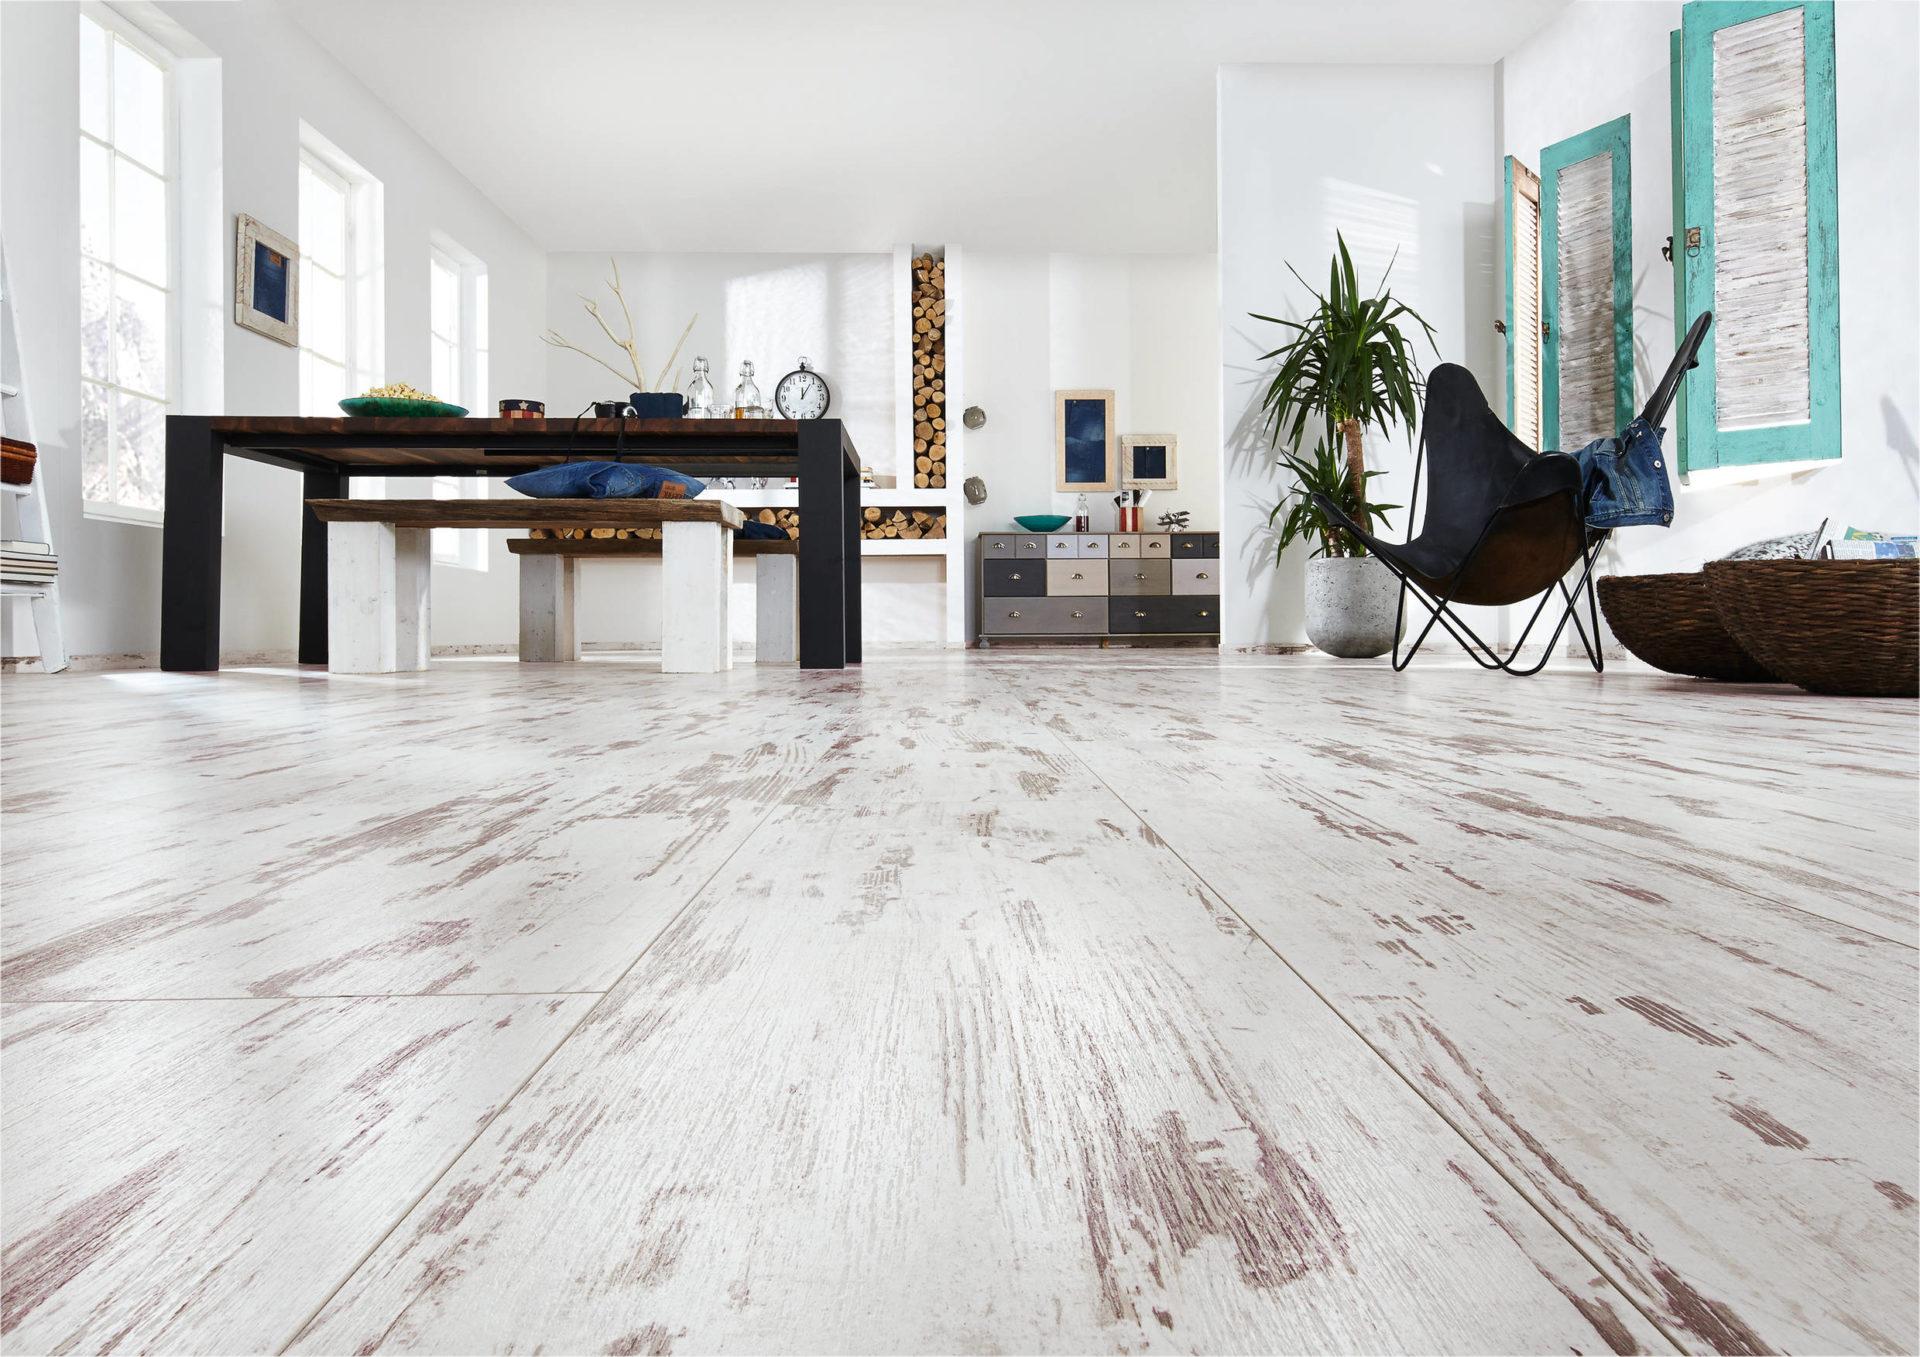 Fußboden Neu Machen ~ Fußboden oberkirch möhrle raum und idee